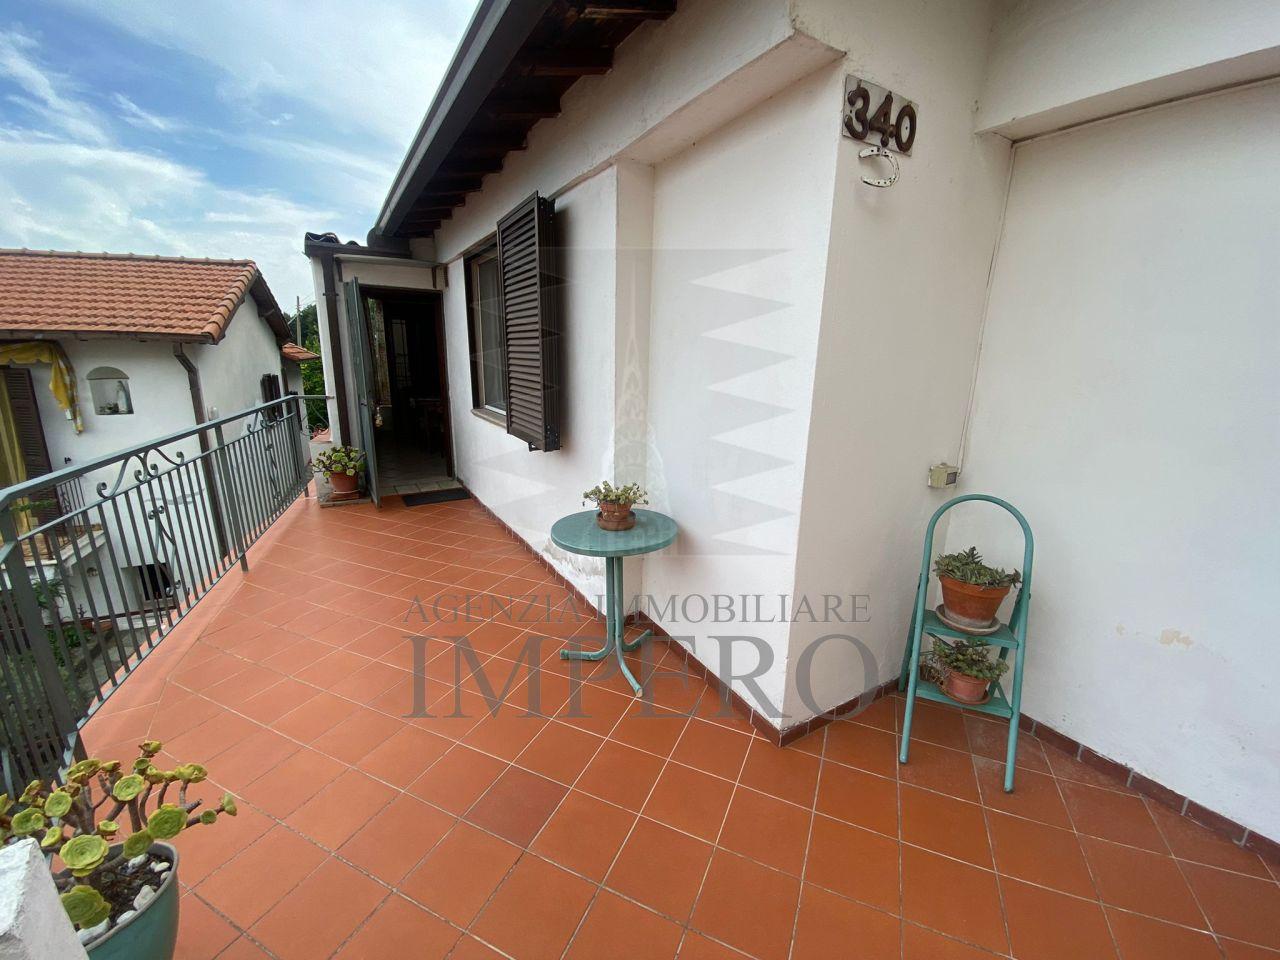 Soluzione Indipendente in vendita a Camporosso, 3 locali, prezzo € 220.000   PortaleAgenzieImmobiliari.it